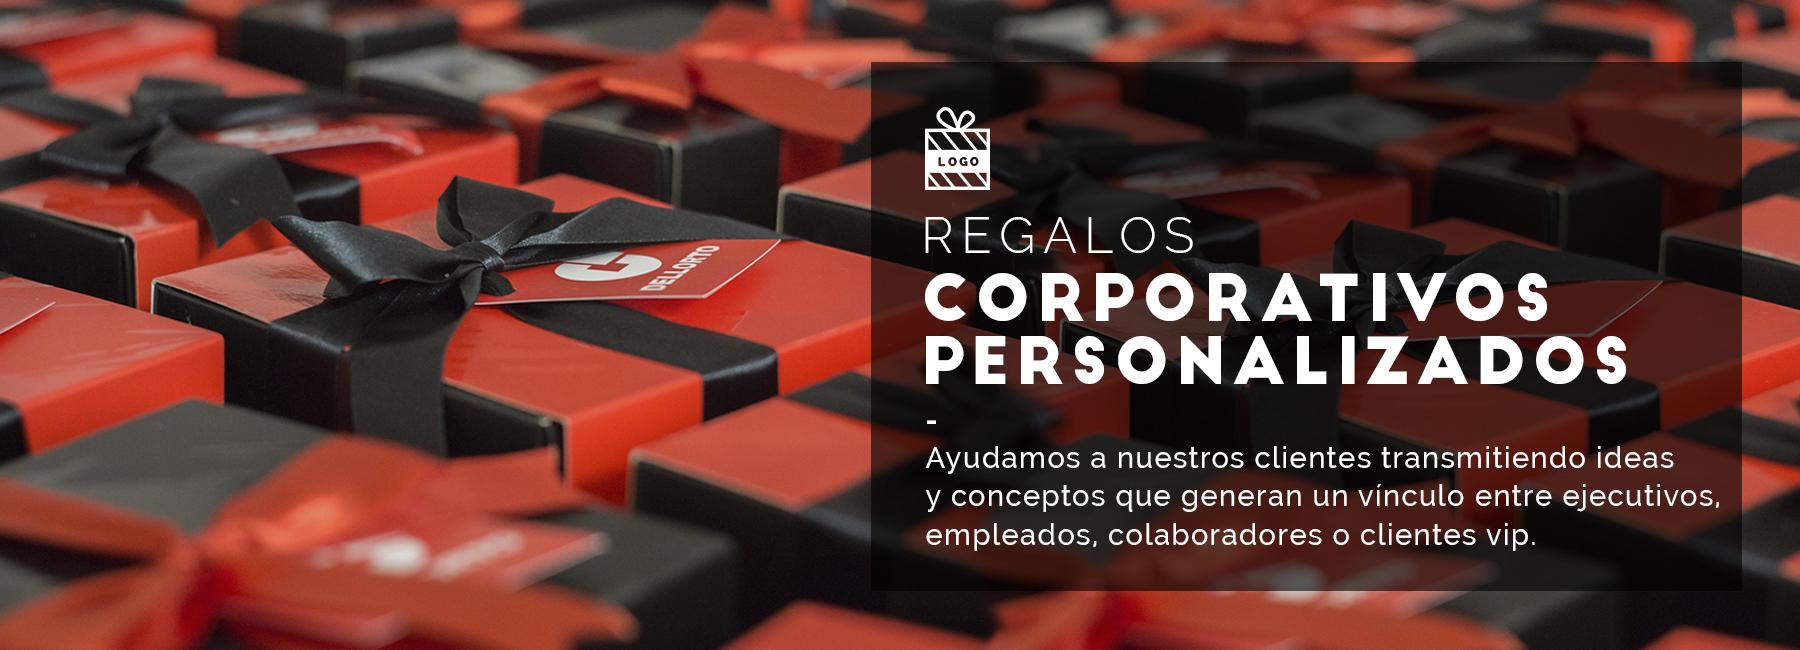 - REGALOS CORPORATIVOS PERSONALIZADOS -